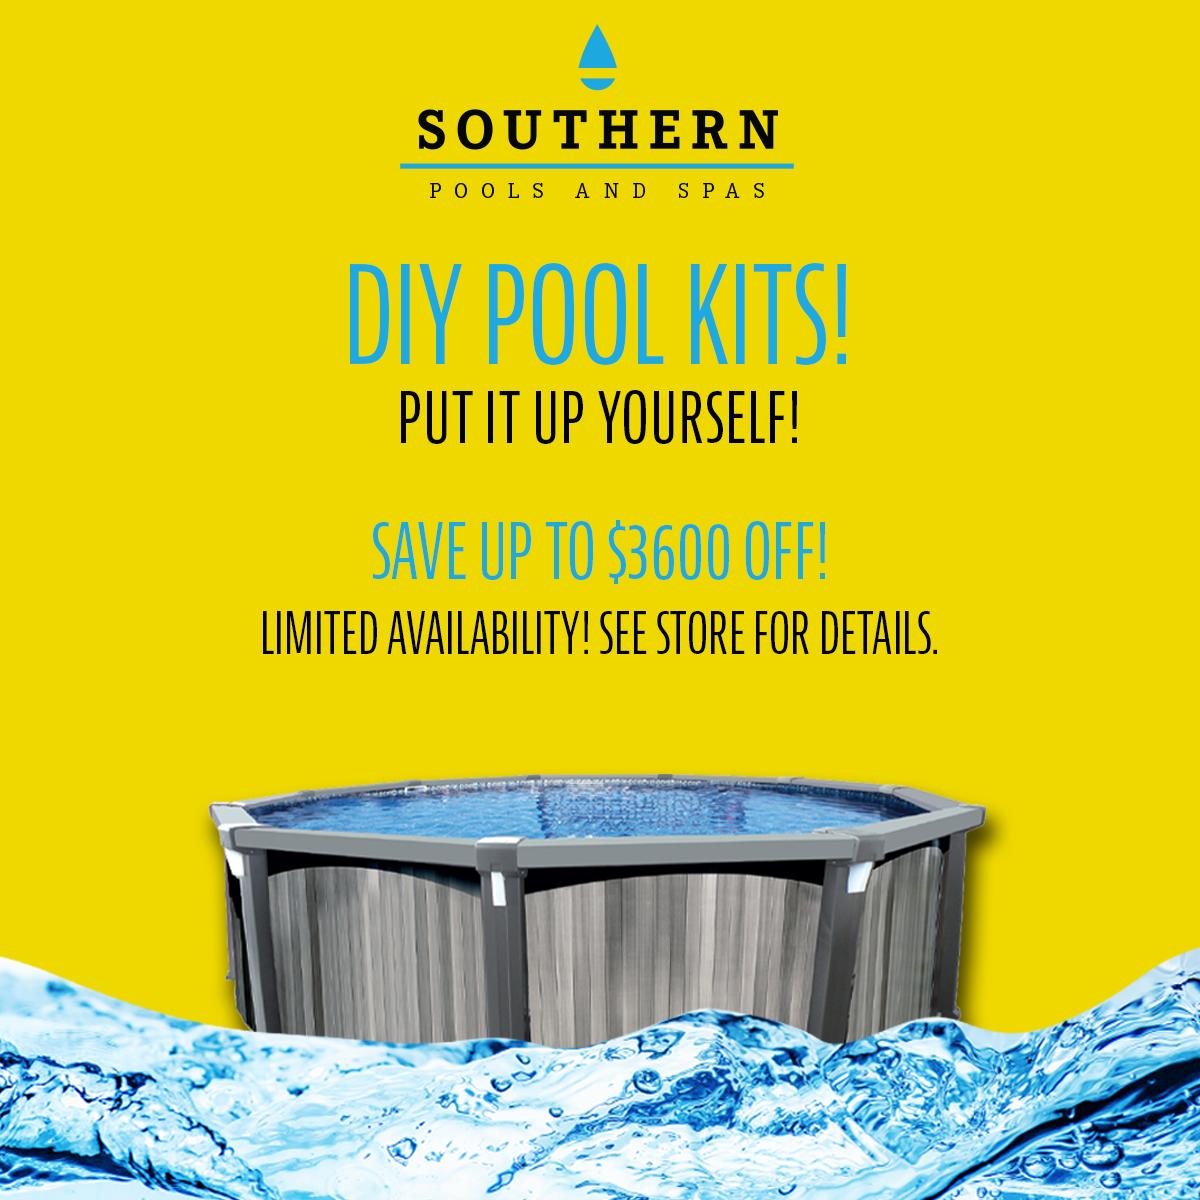 DIY Pool Kits!